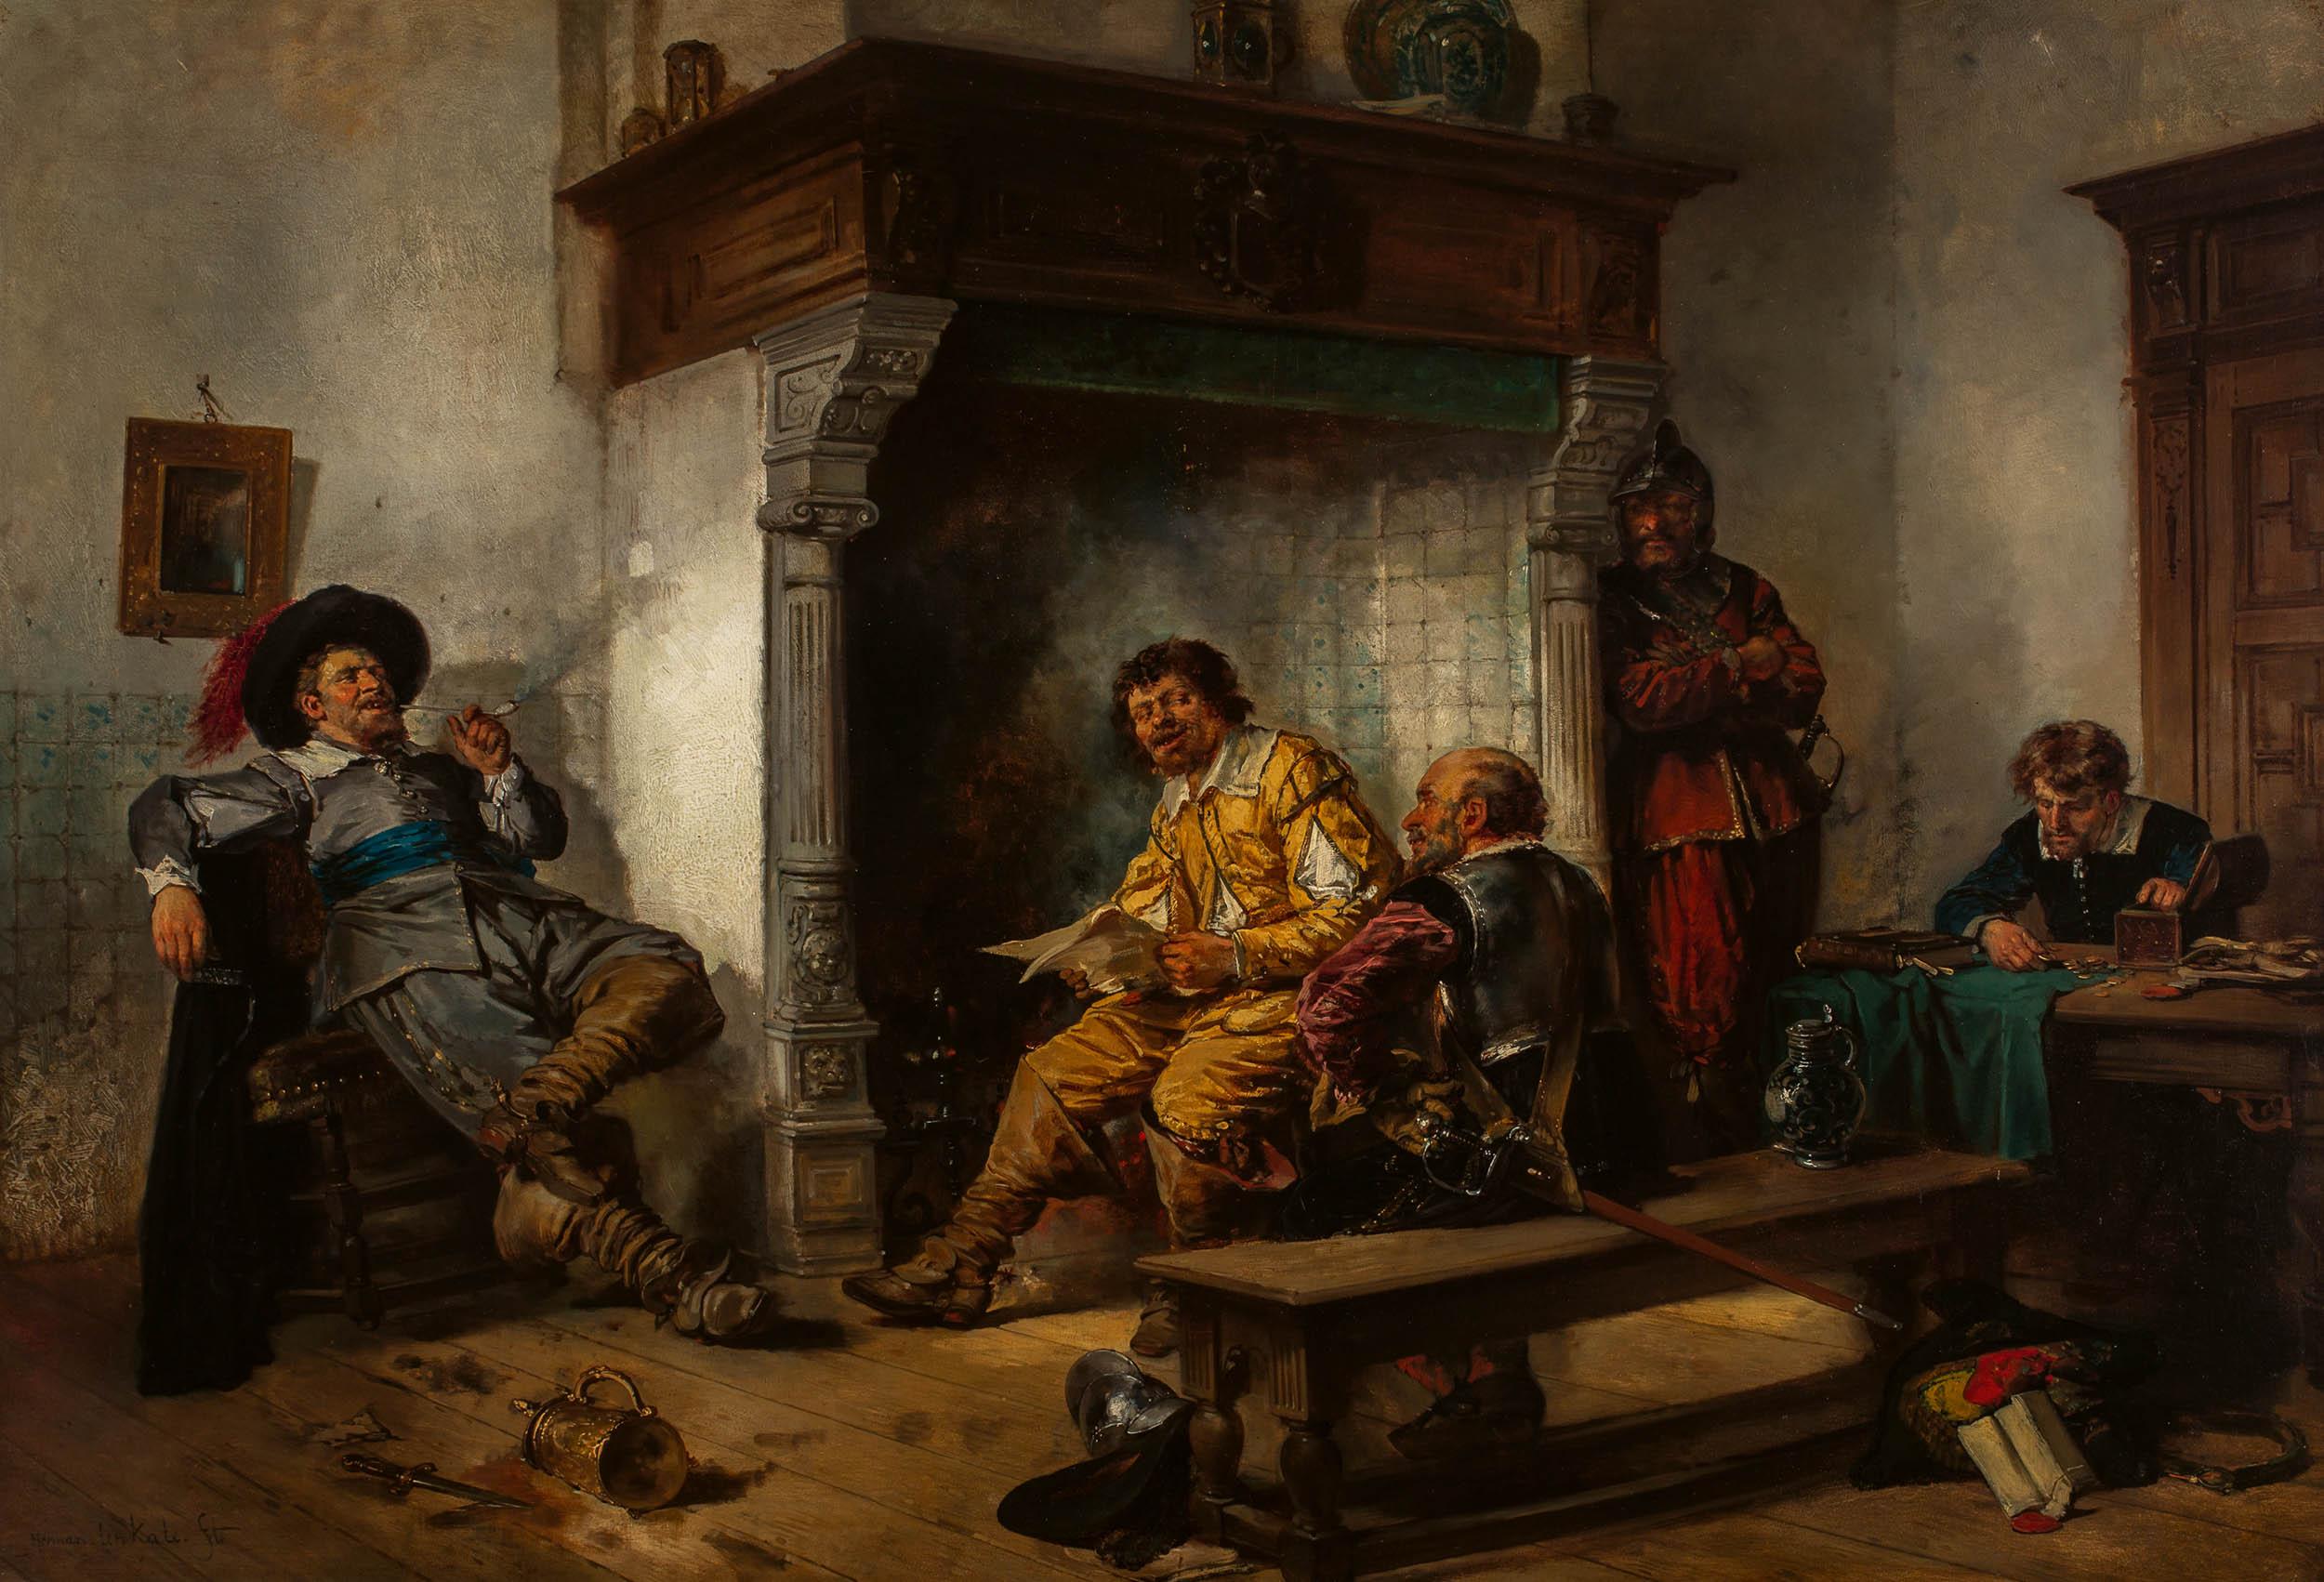 Interior of a Dutch cabaret, soldiers dividing their spoils, 1876